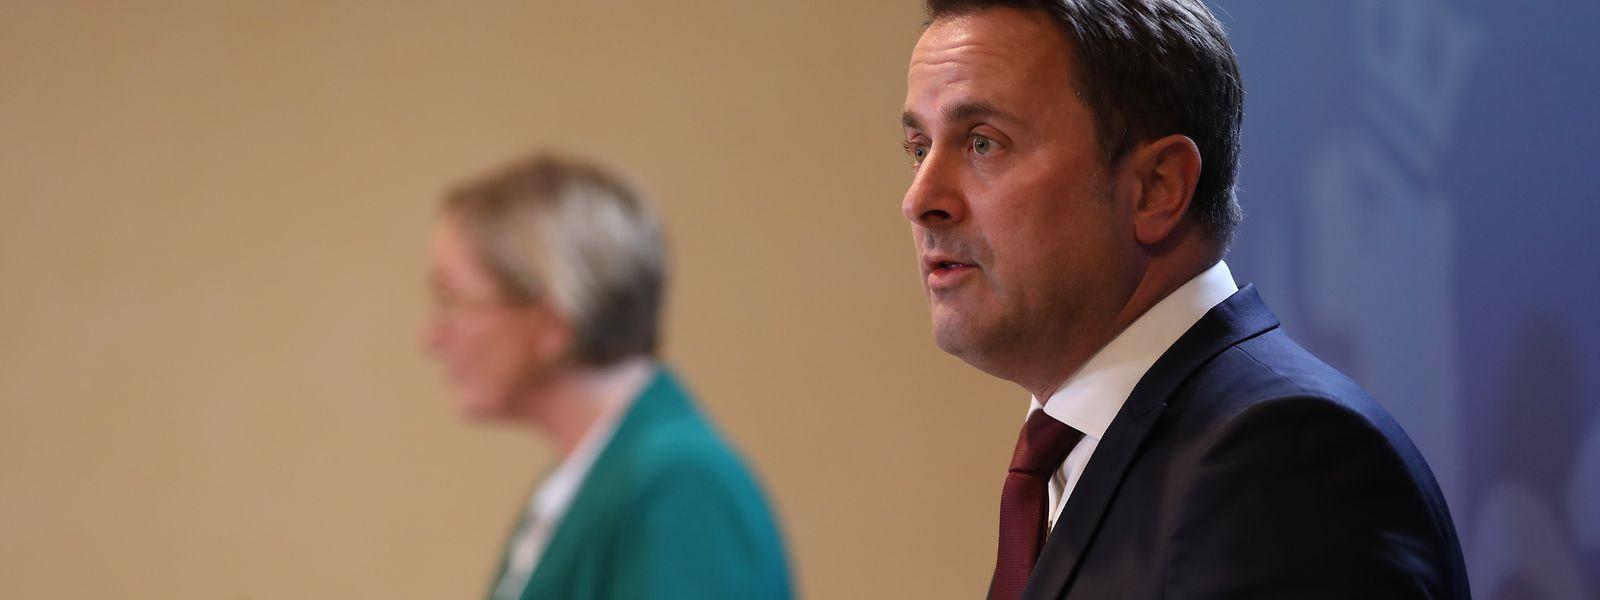 Premierminister Xavier Bettel (DP) und Gesundheitsministerin Paulette Lenert (LSAP) stehlen dem grünen Koalitionspartner derzeit weitgehend die Show.